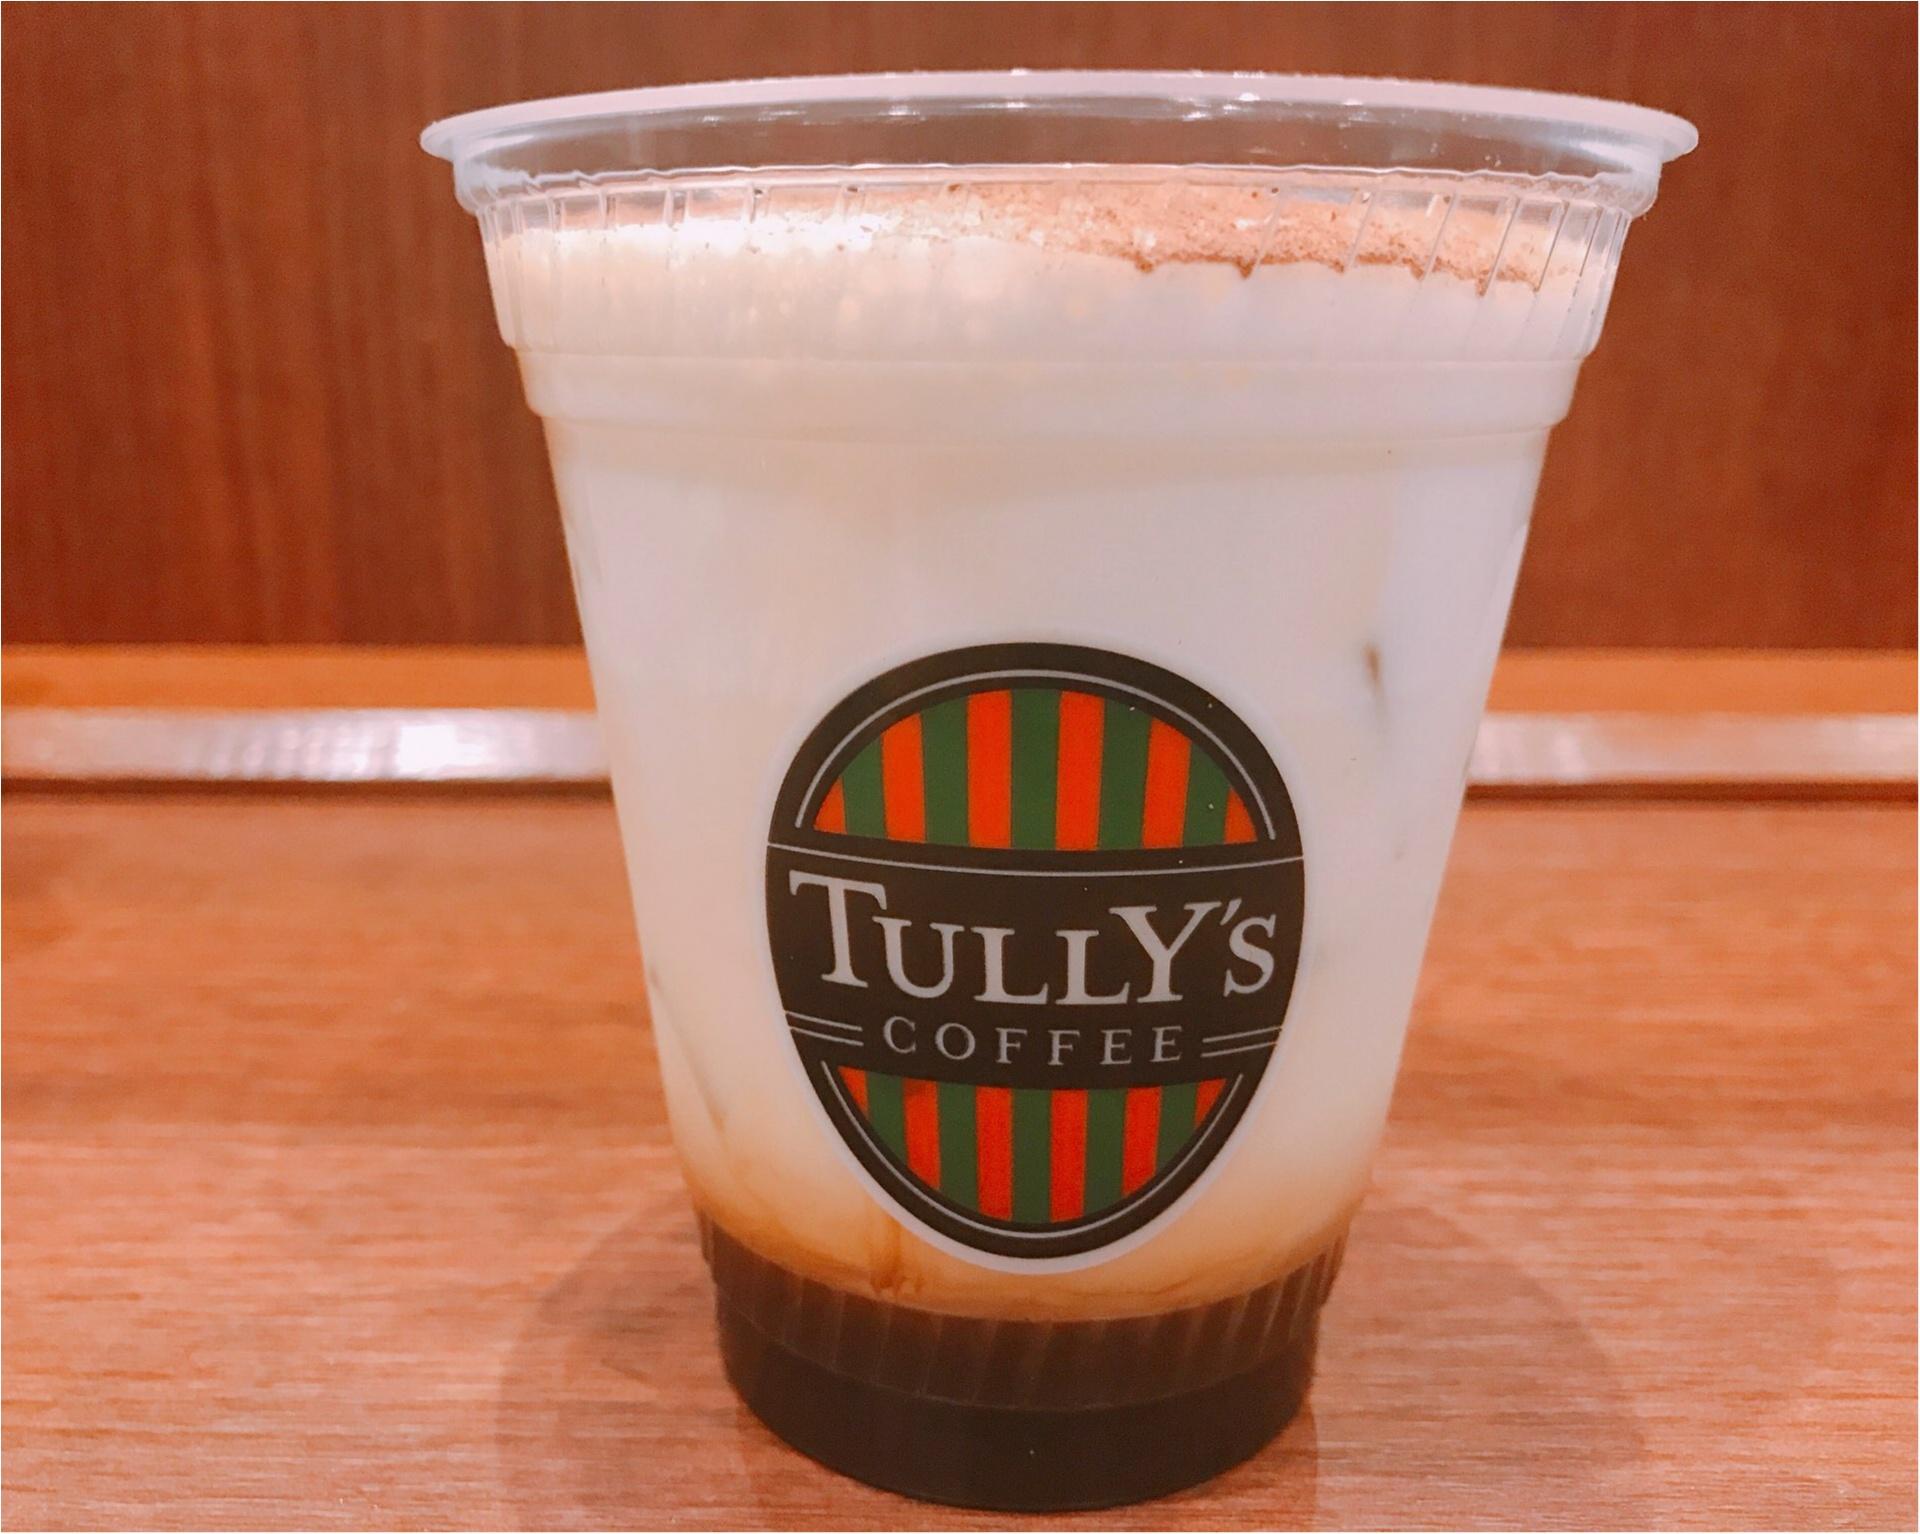 【タリーズ】見た目もティラミスそっくり!ふわっふわのミルクが絶妙❤︎スイーツ感覚で飲める《アイスティラミスカプチーノ》が新発売♡♡_1